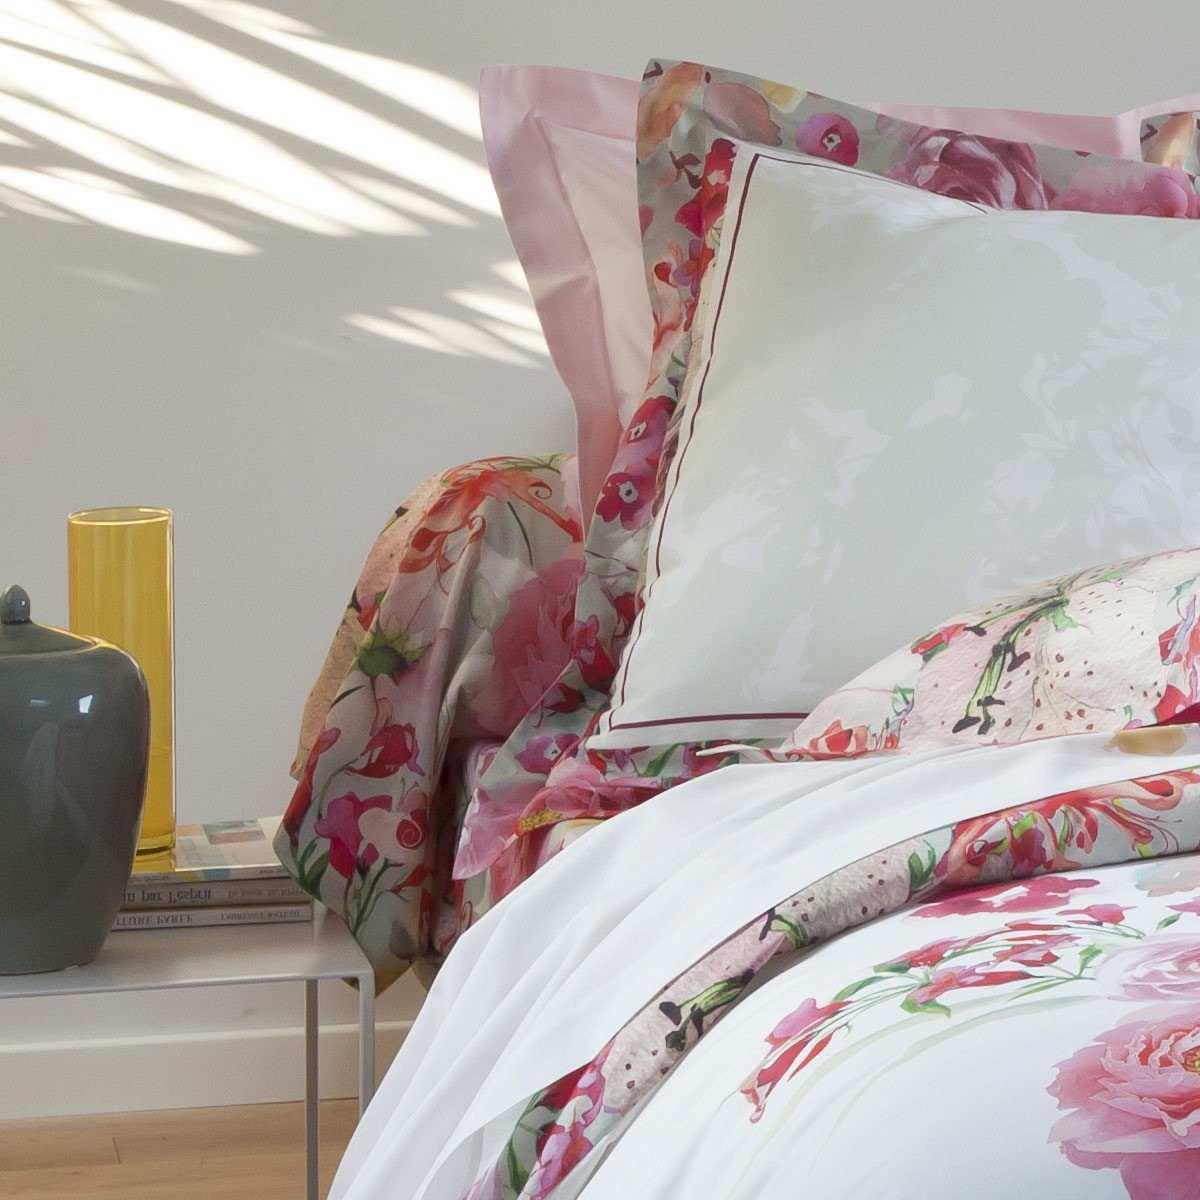 Drap housse juliette linge de lit de qualit tradition for Repassage drap housse